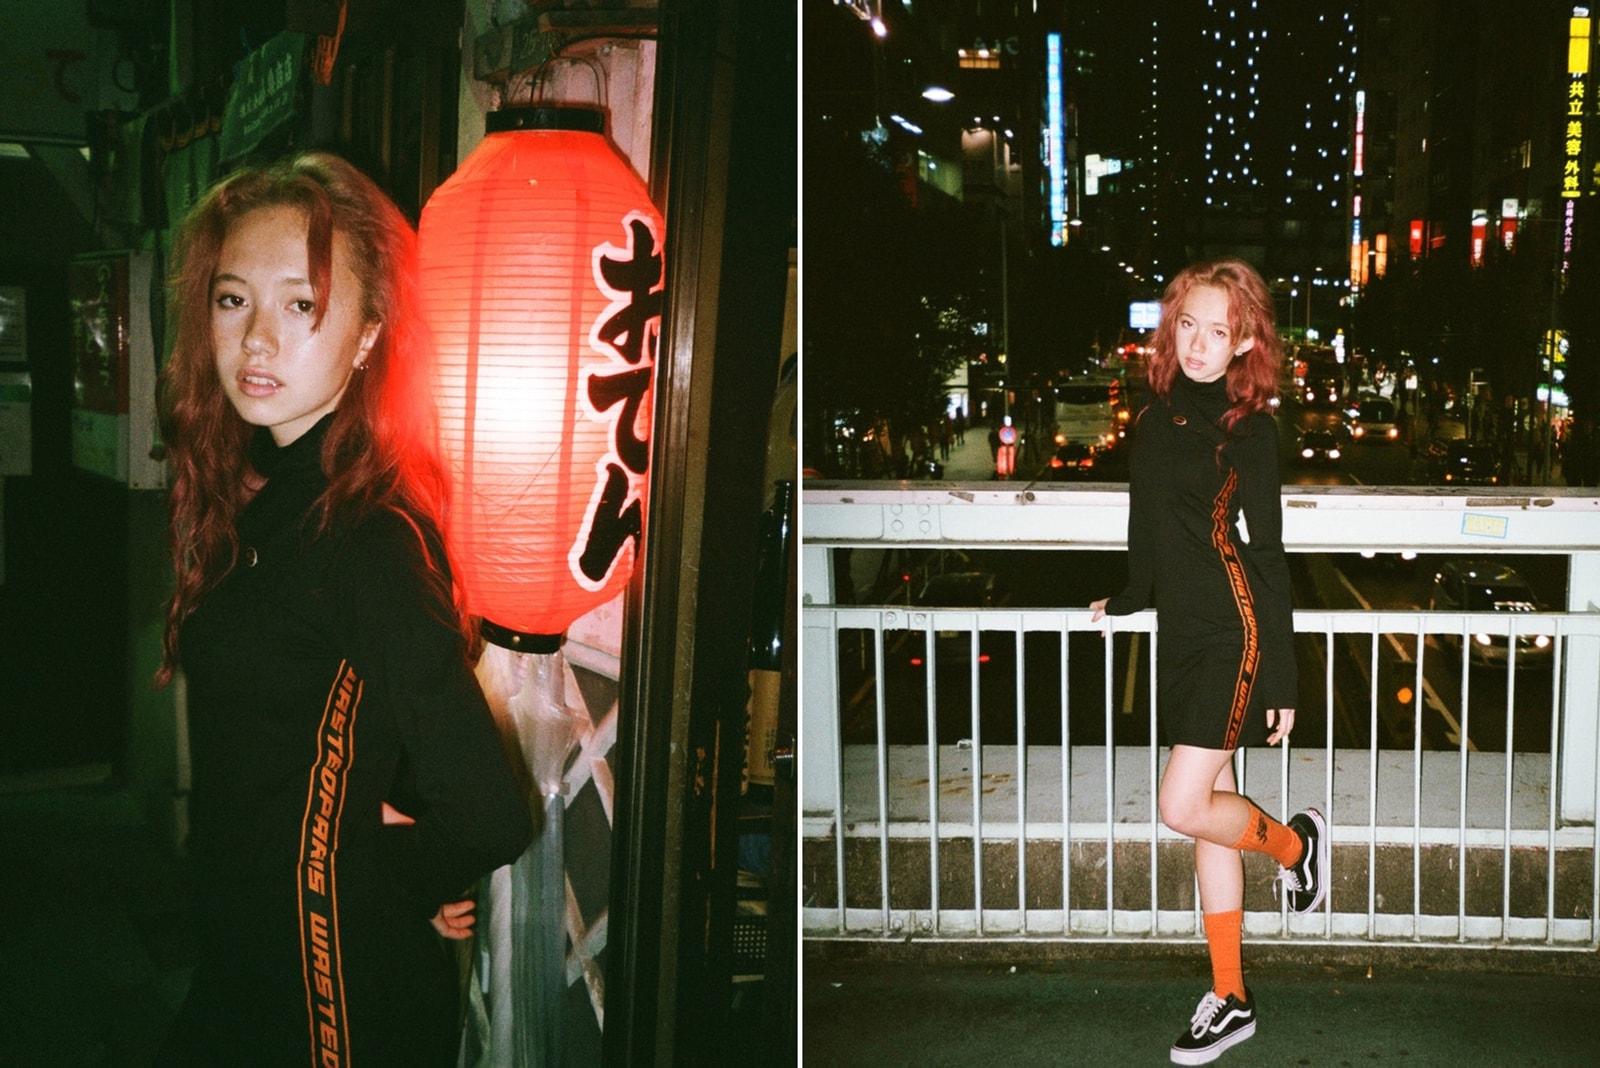 d2adaa94 Wasted Paris. 1 of 5. Best Women's Skate Clothing Brands Stussy Vans Brujas Dickies  Carhartt Nikita OBEY Santa Cruz Volcom Wasted